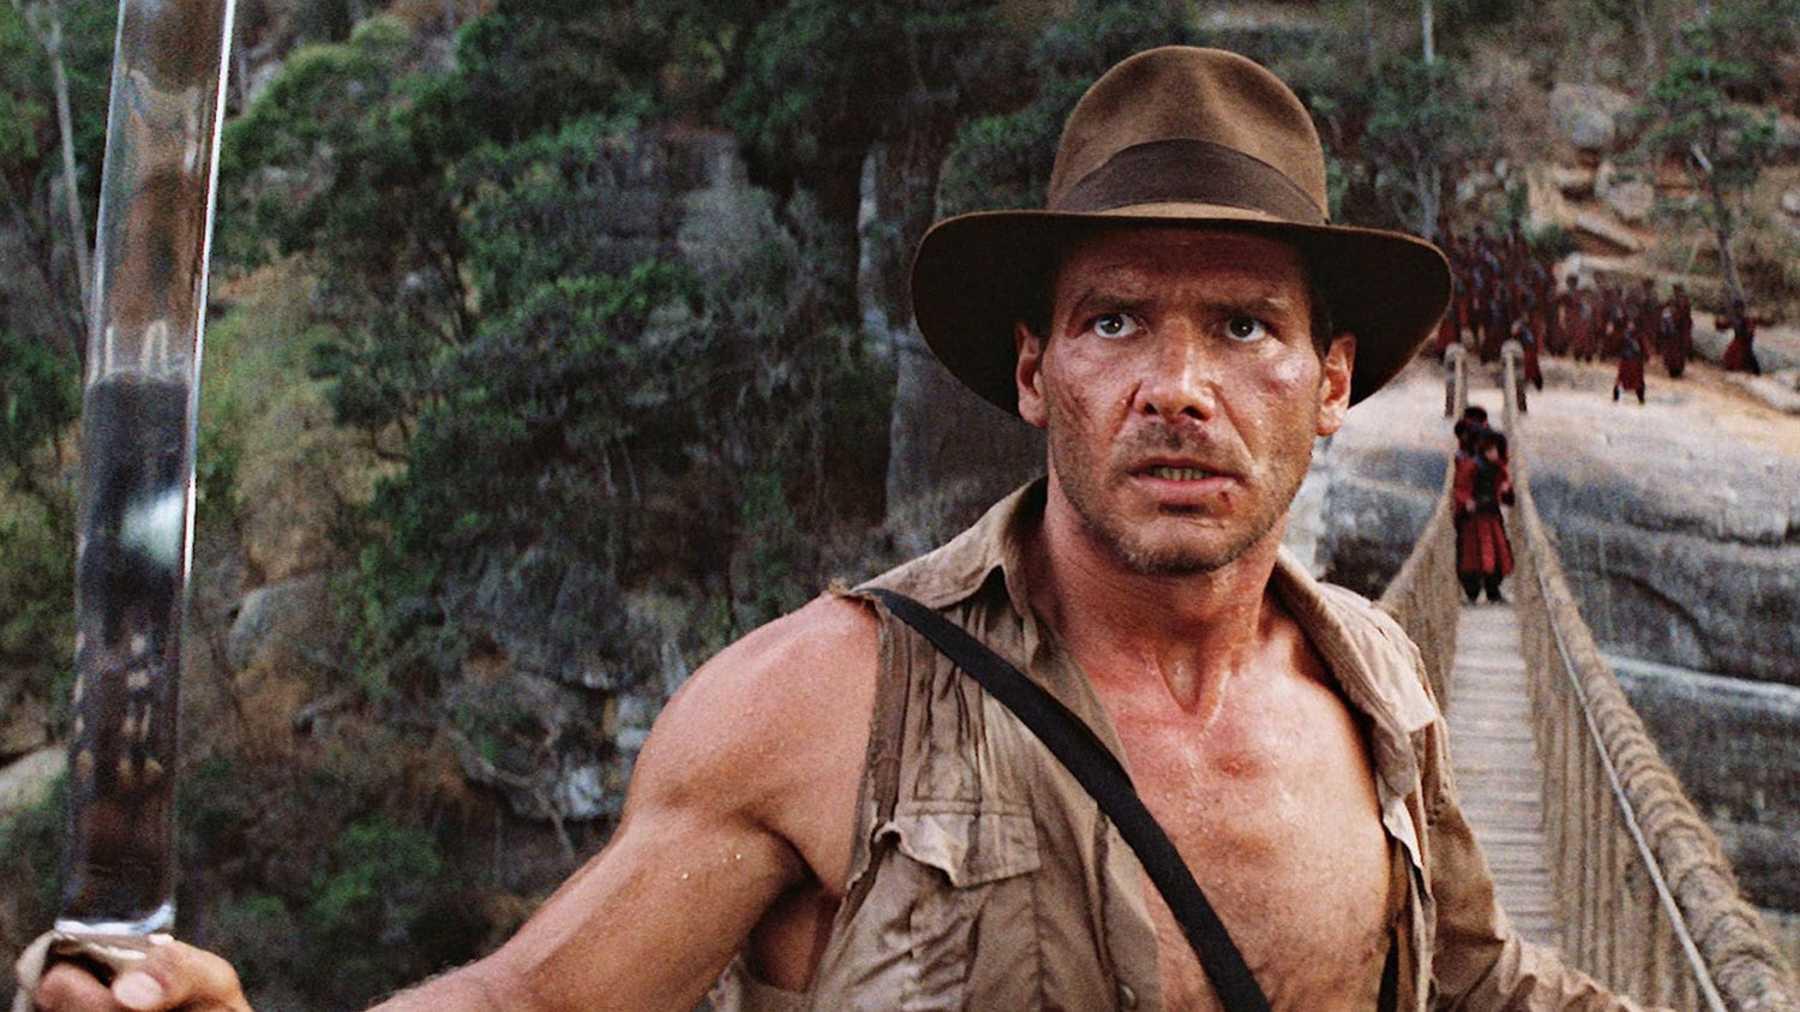 Indiana Jones game release date